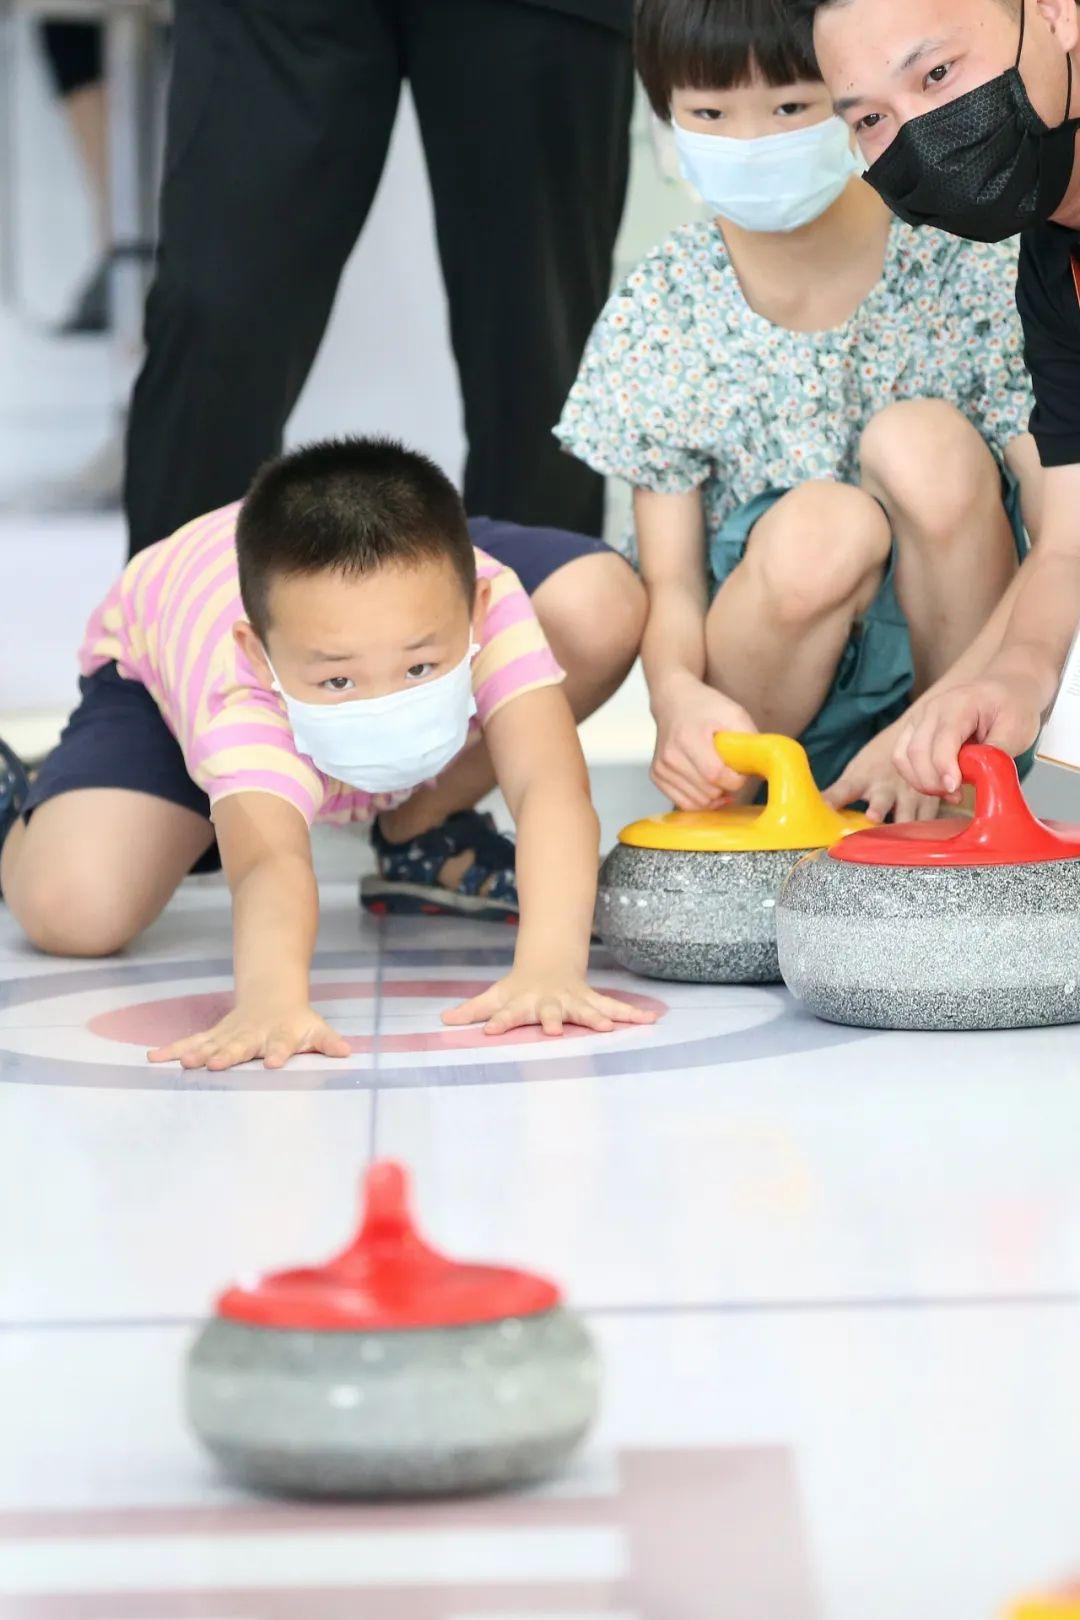 ▲9月5日,2020国际冬季活动(北京)展览会开幕,本年冬博会与中国国际办事商业买卖会同期举行。这是一名儿童在展区体验掷冰壶。(新华社)